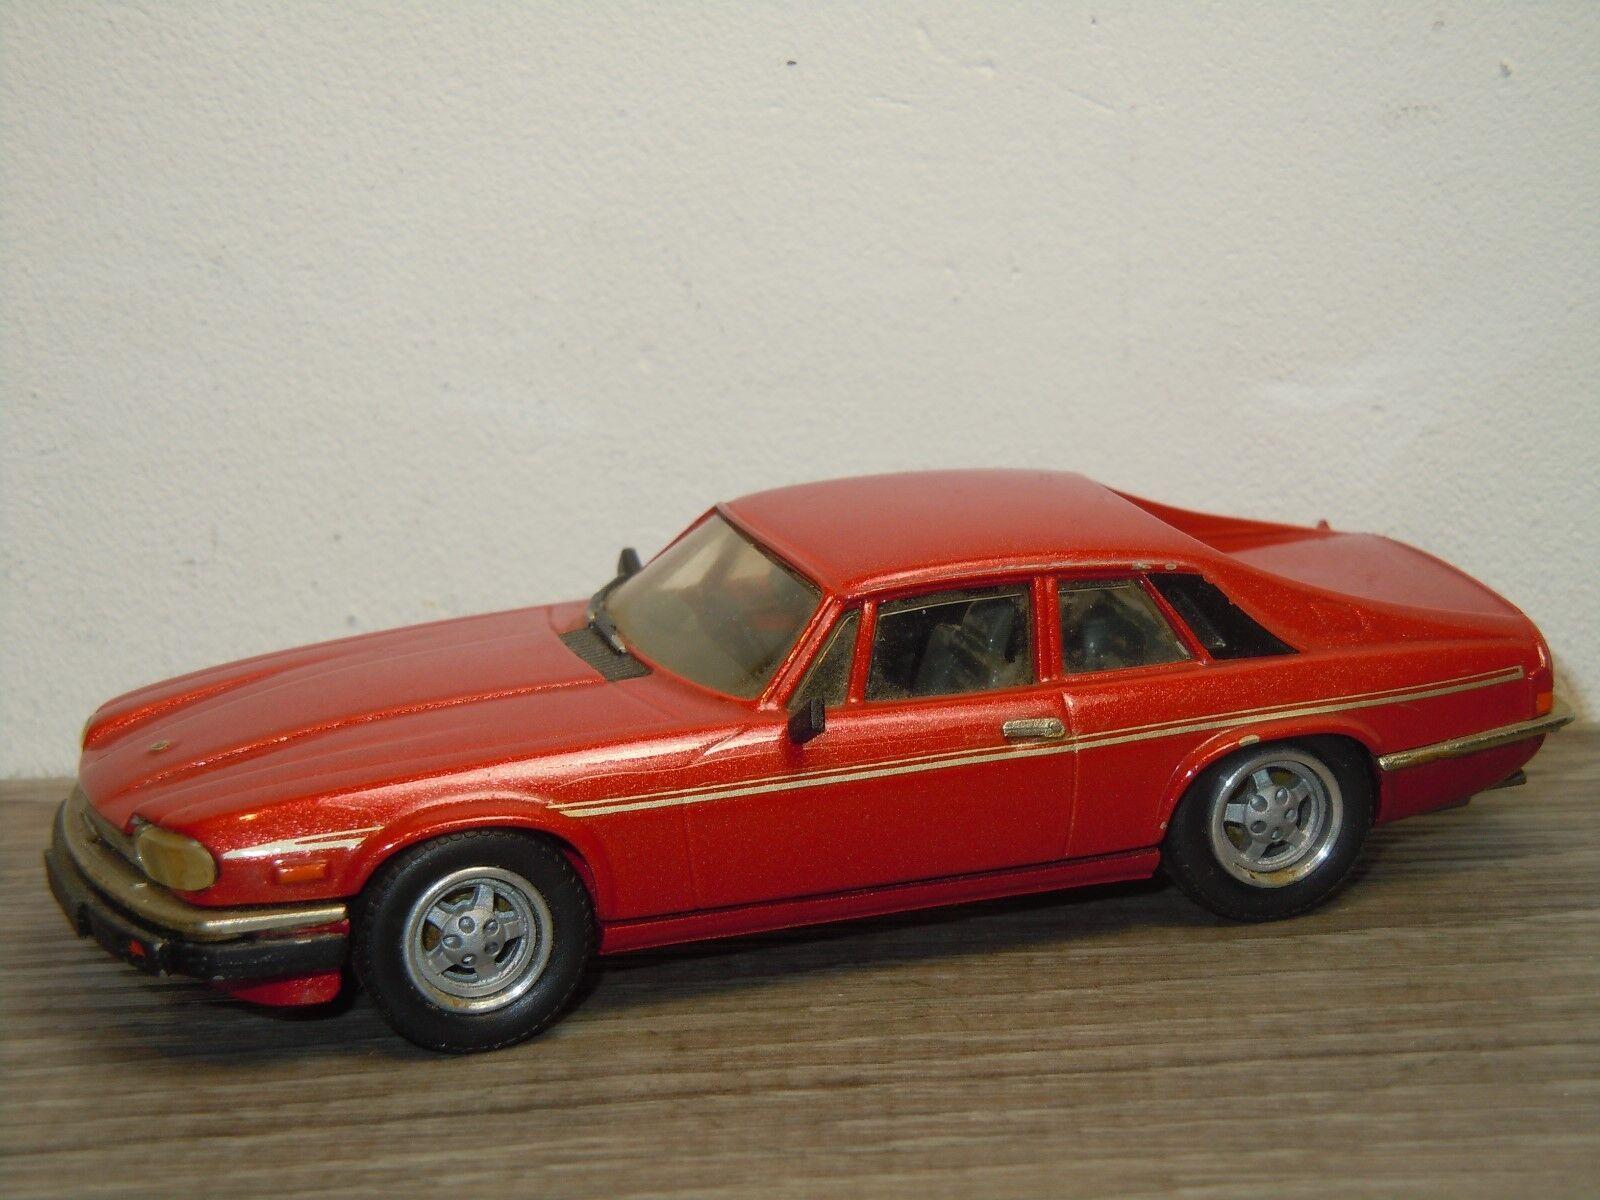 Jaguar xjs coupé - westliche modelle england 1 43  36450